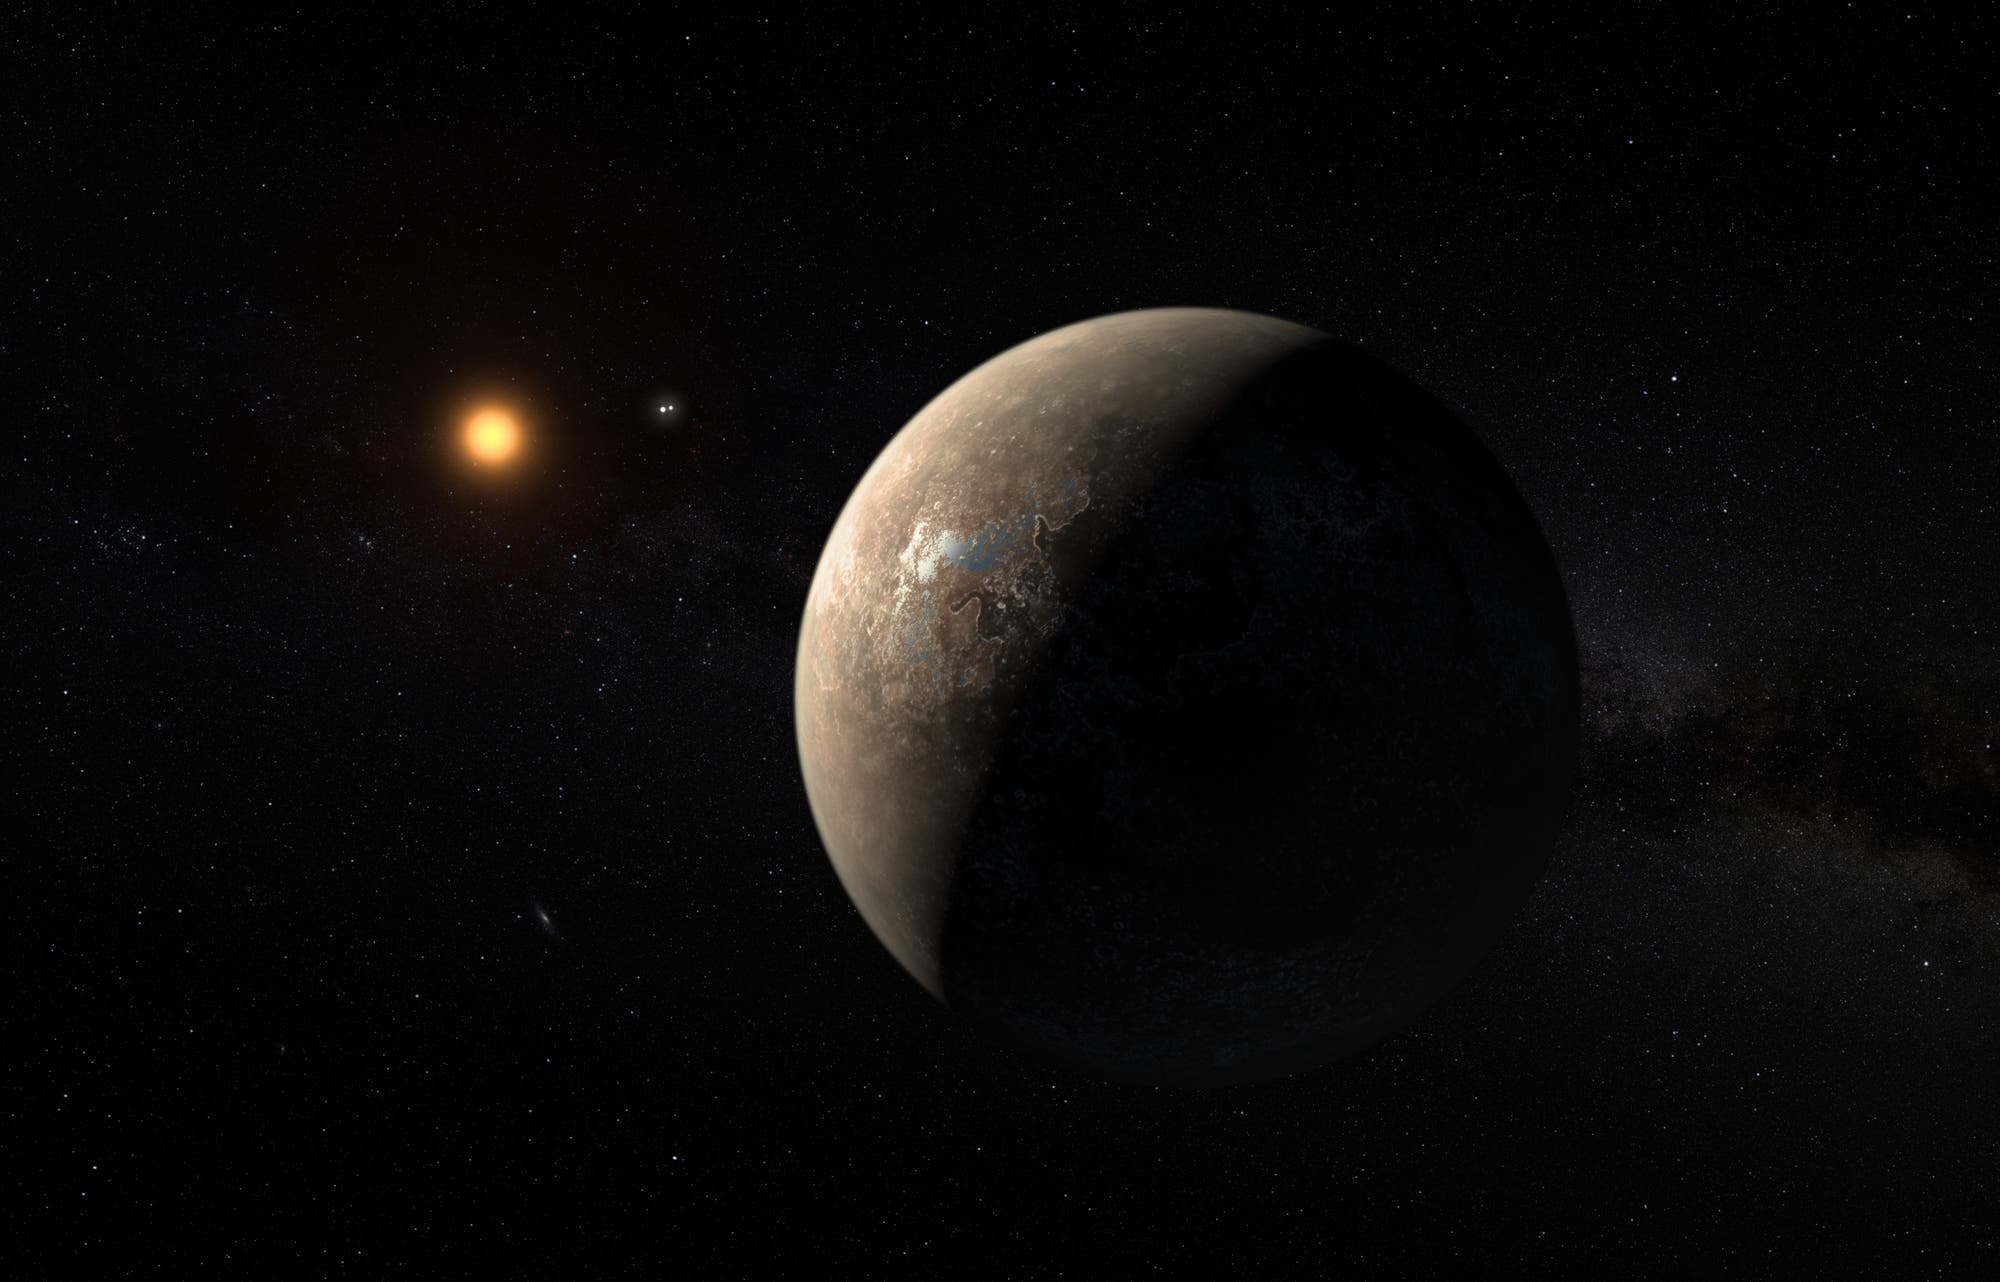 Exoplanet Proxima Centauri b (Künstlerische Darstellung)